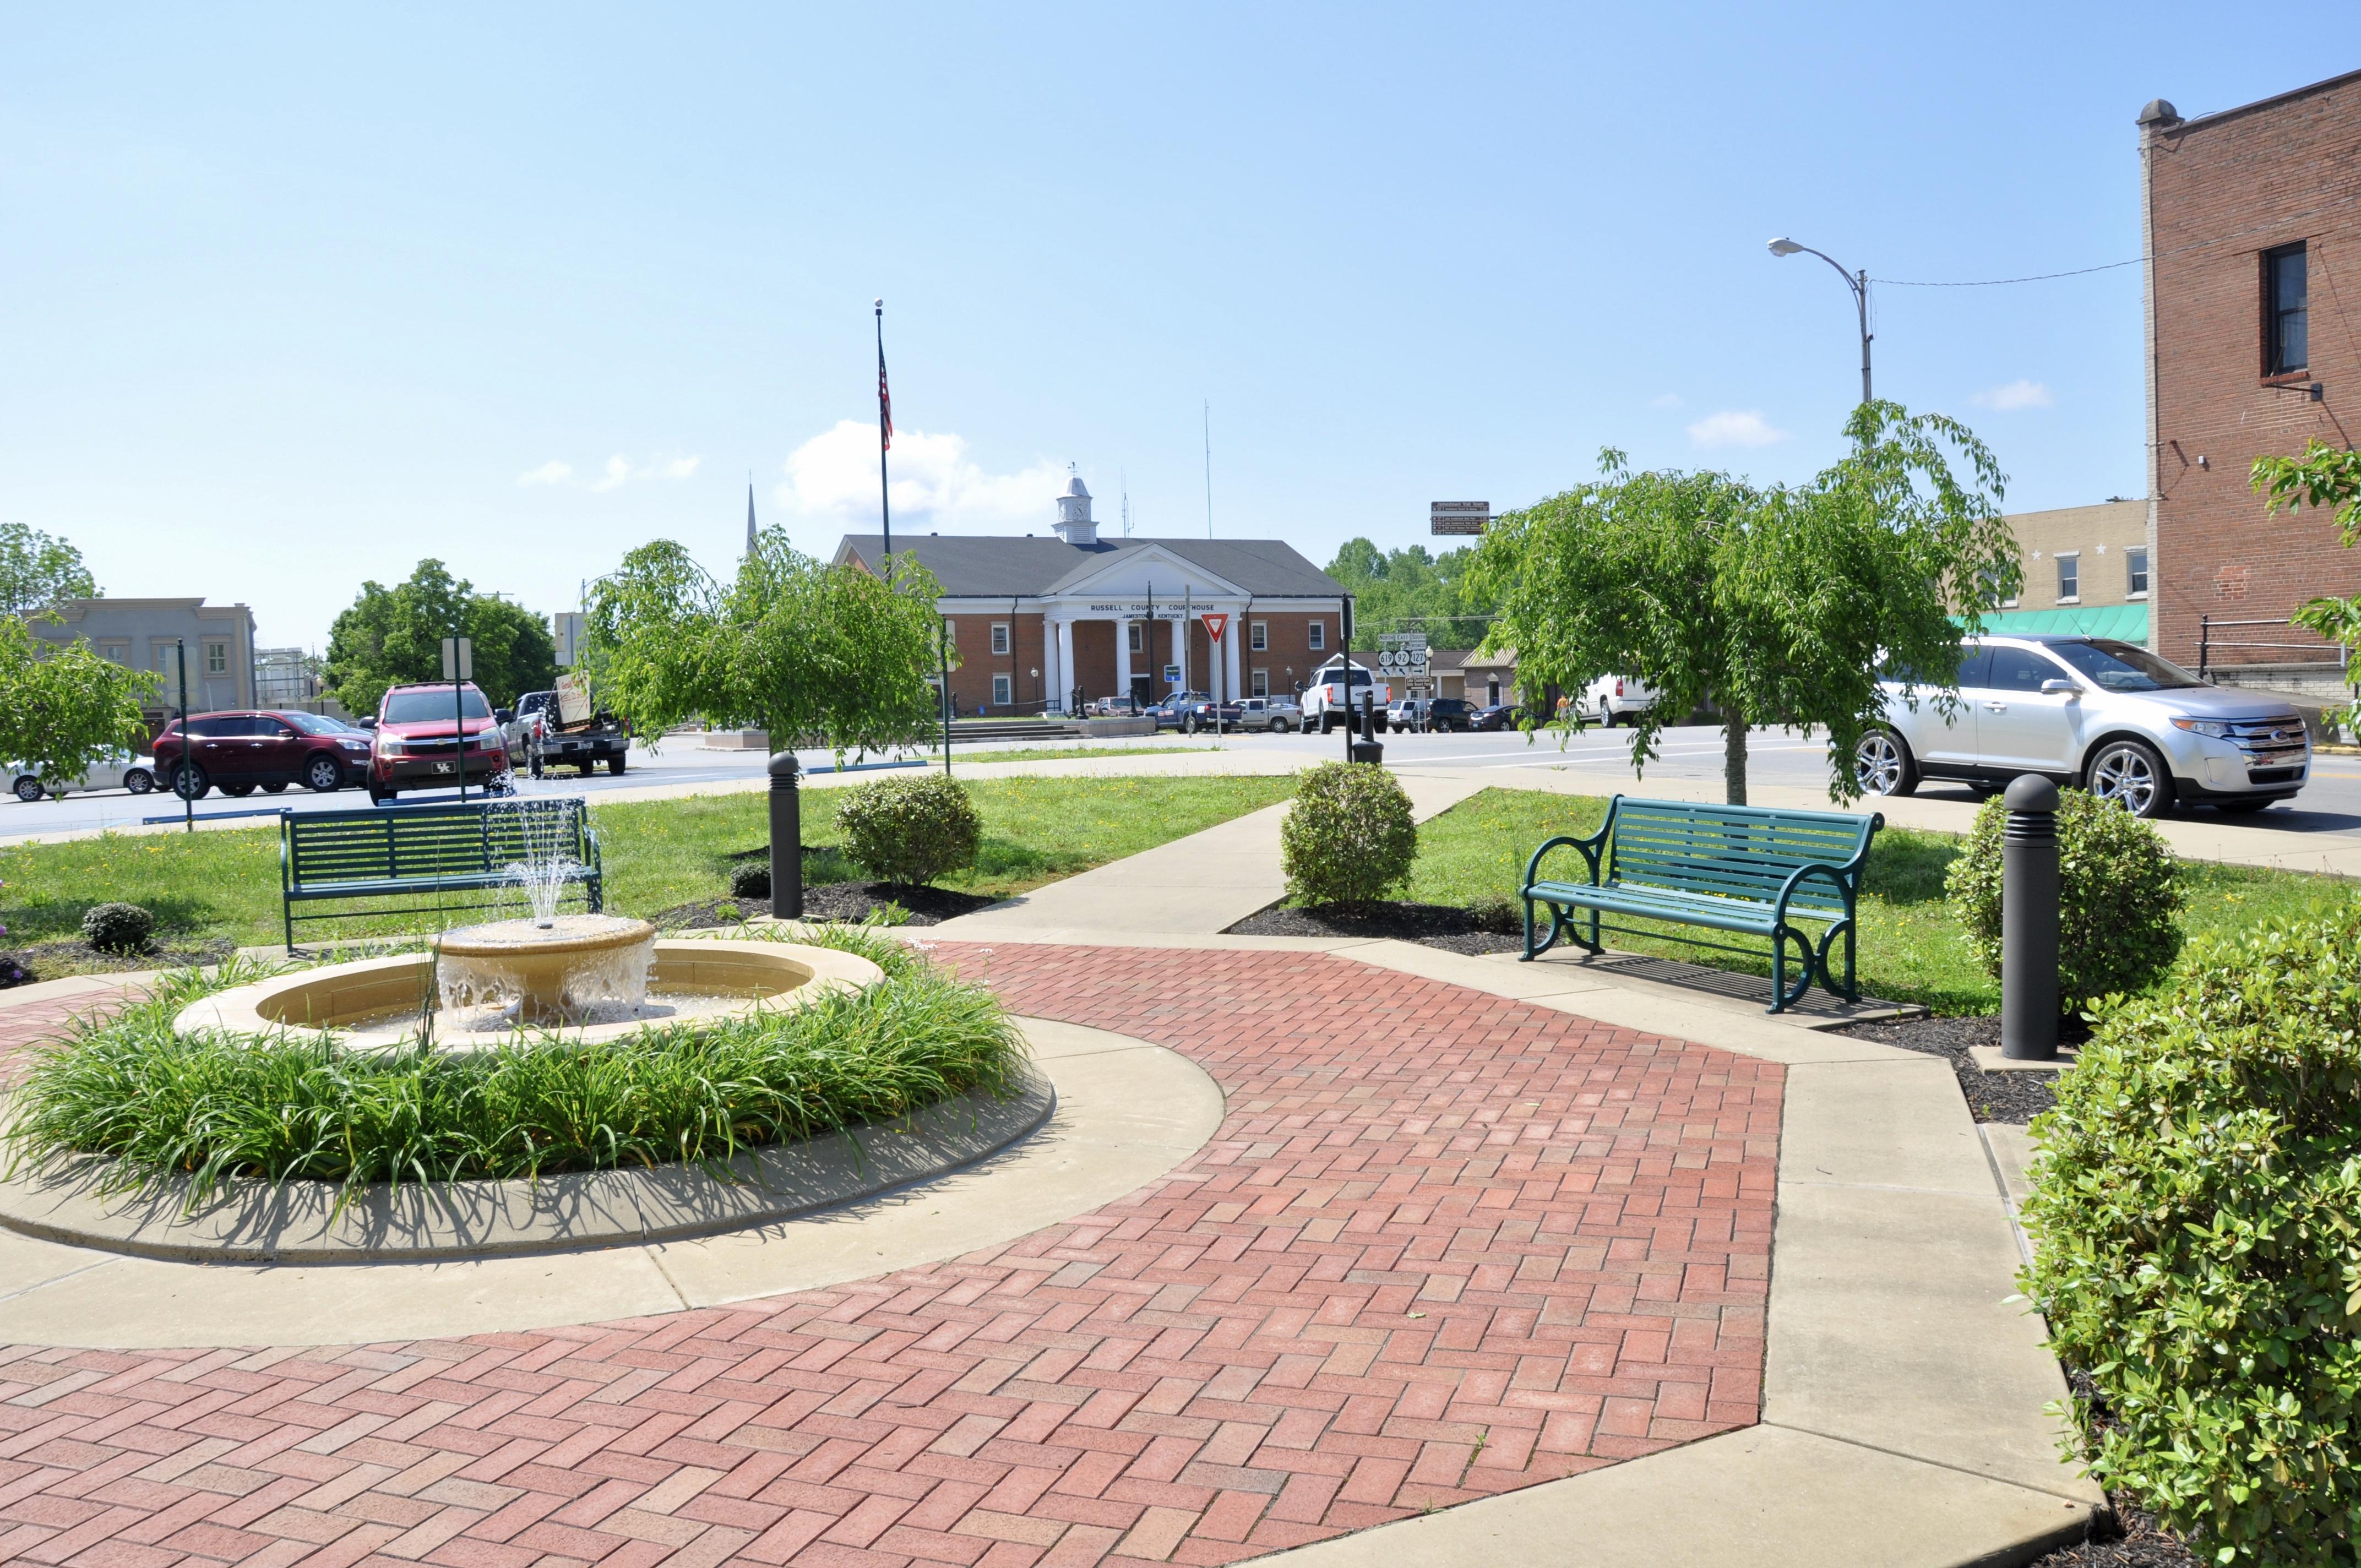 Judicial Center Plaza